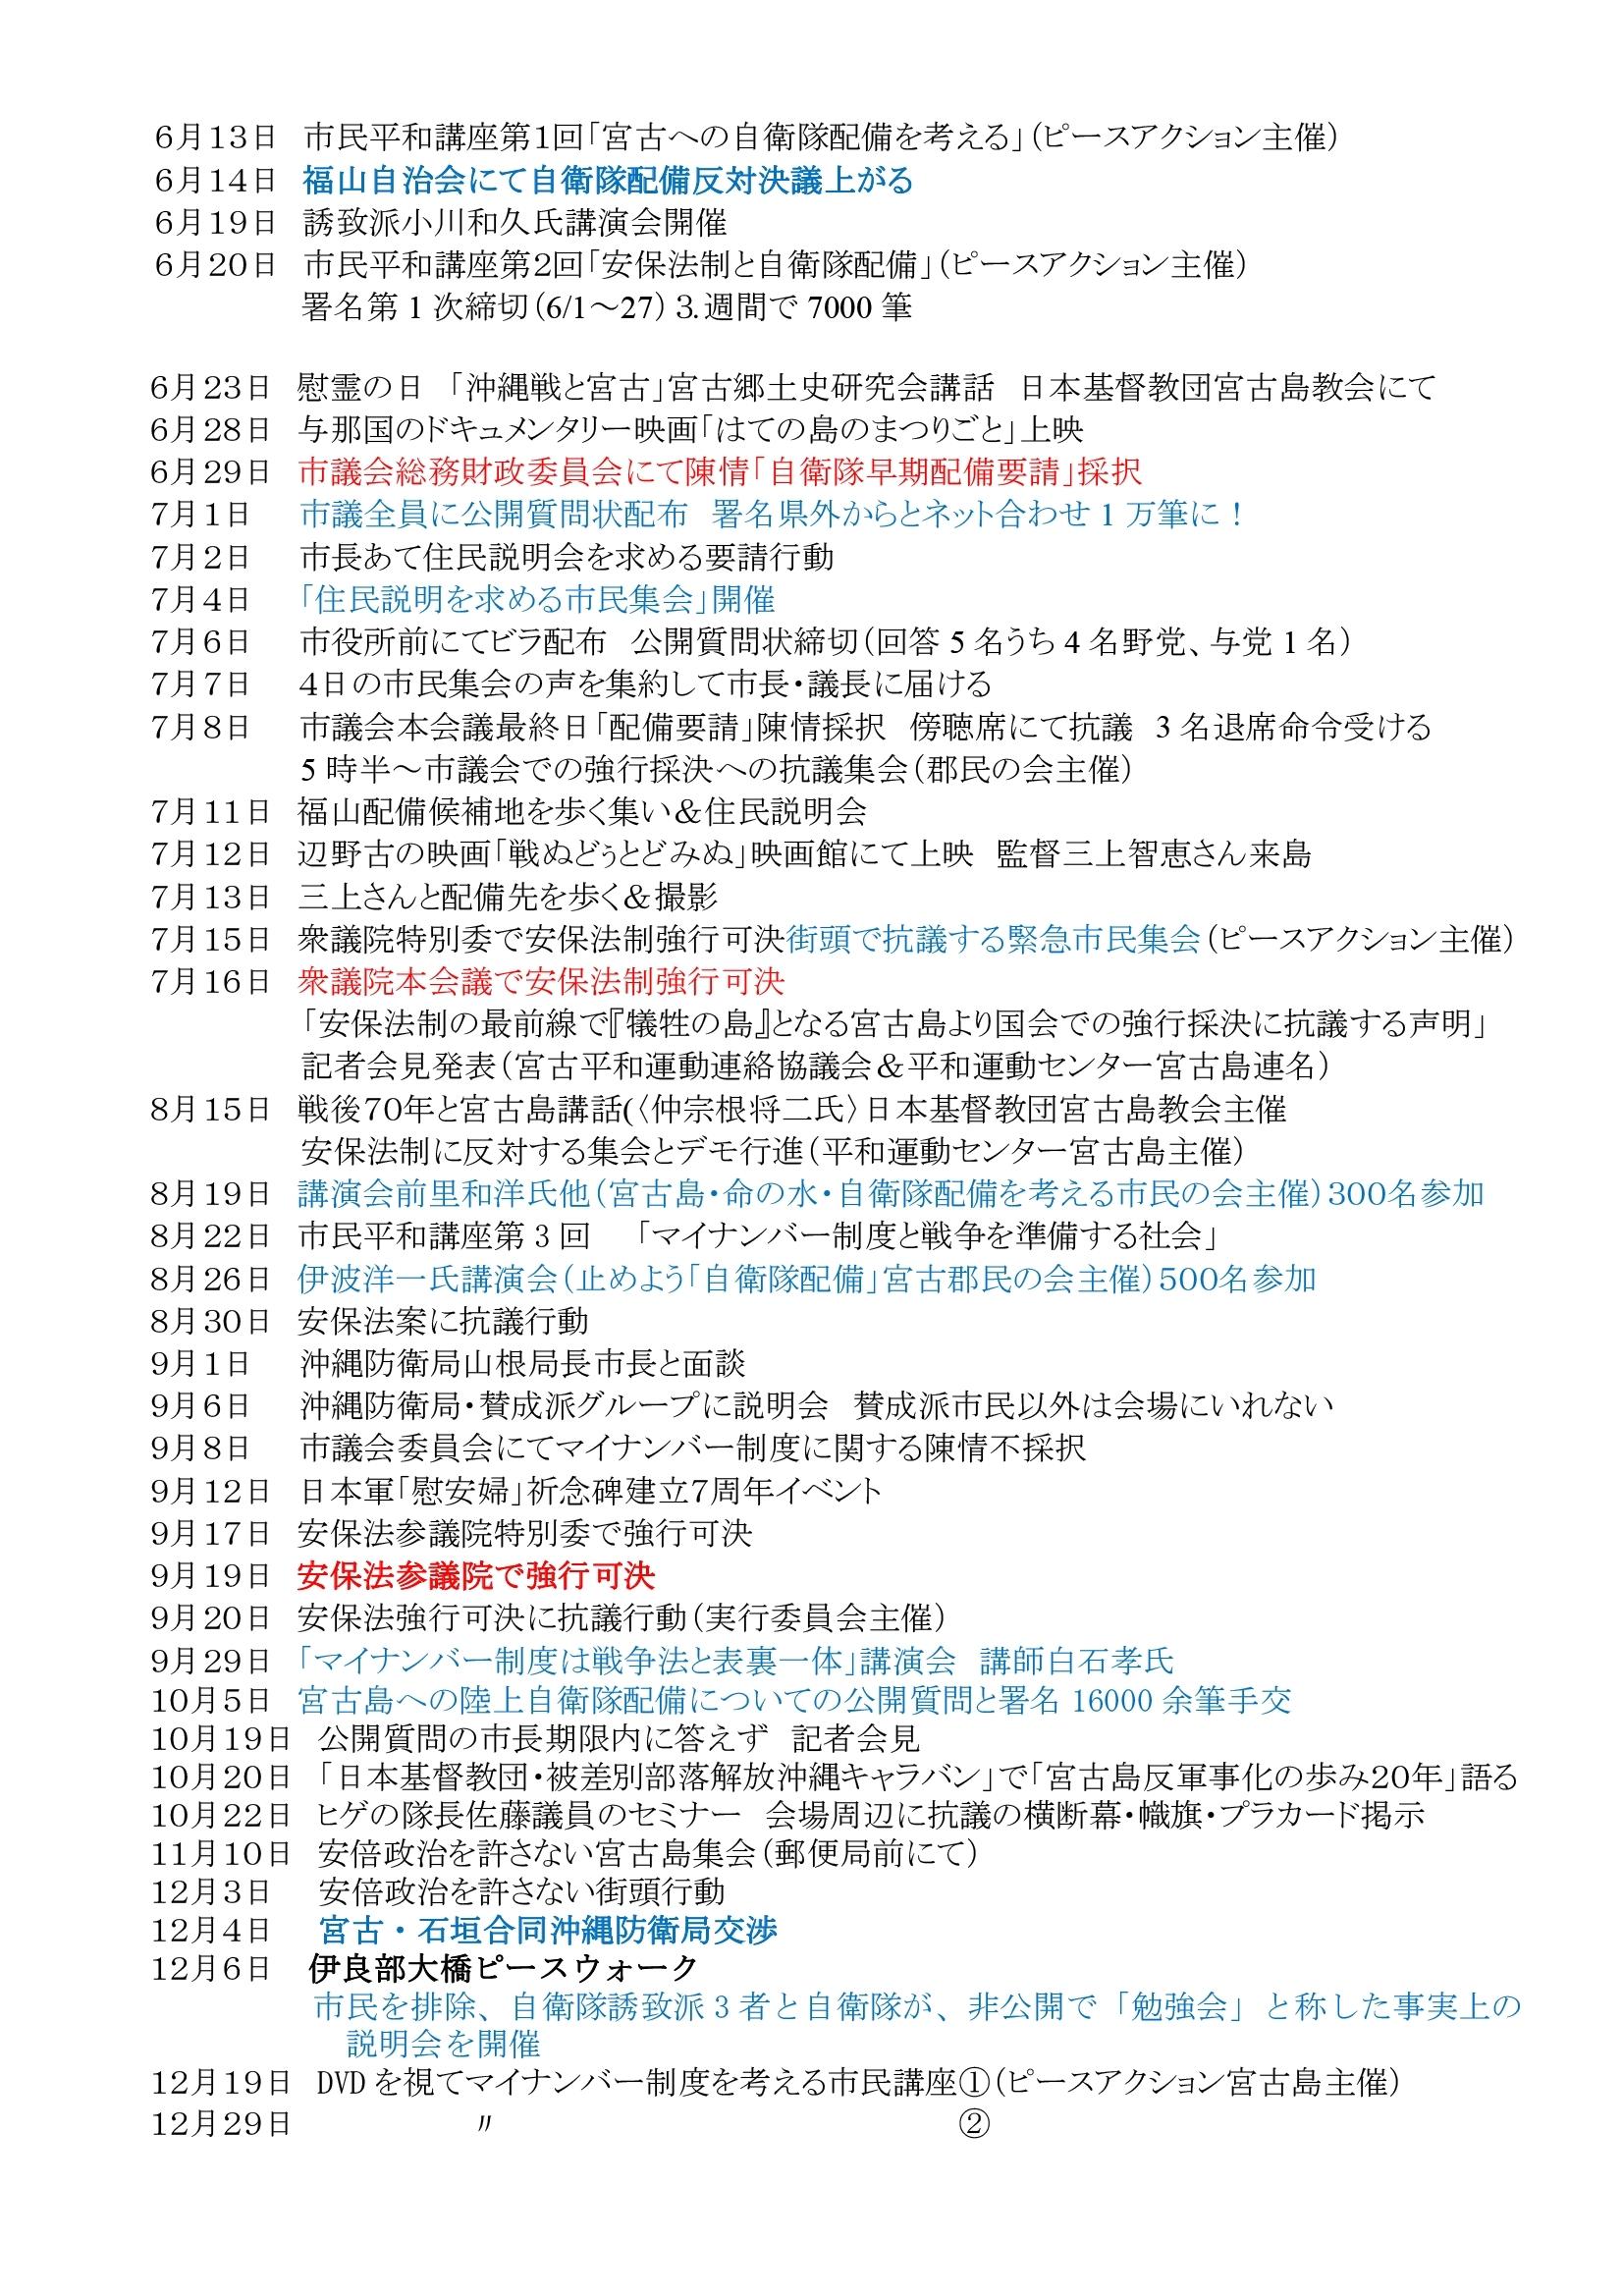 年表:宮古島における反軍反基地の闘い2010~2019 (1)0005